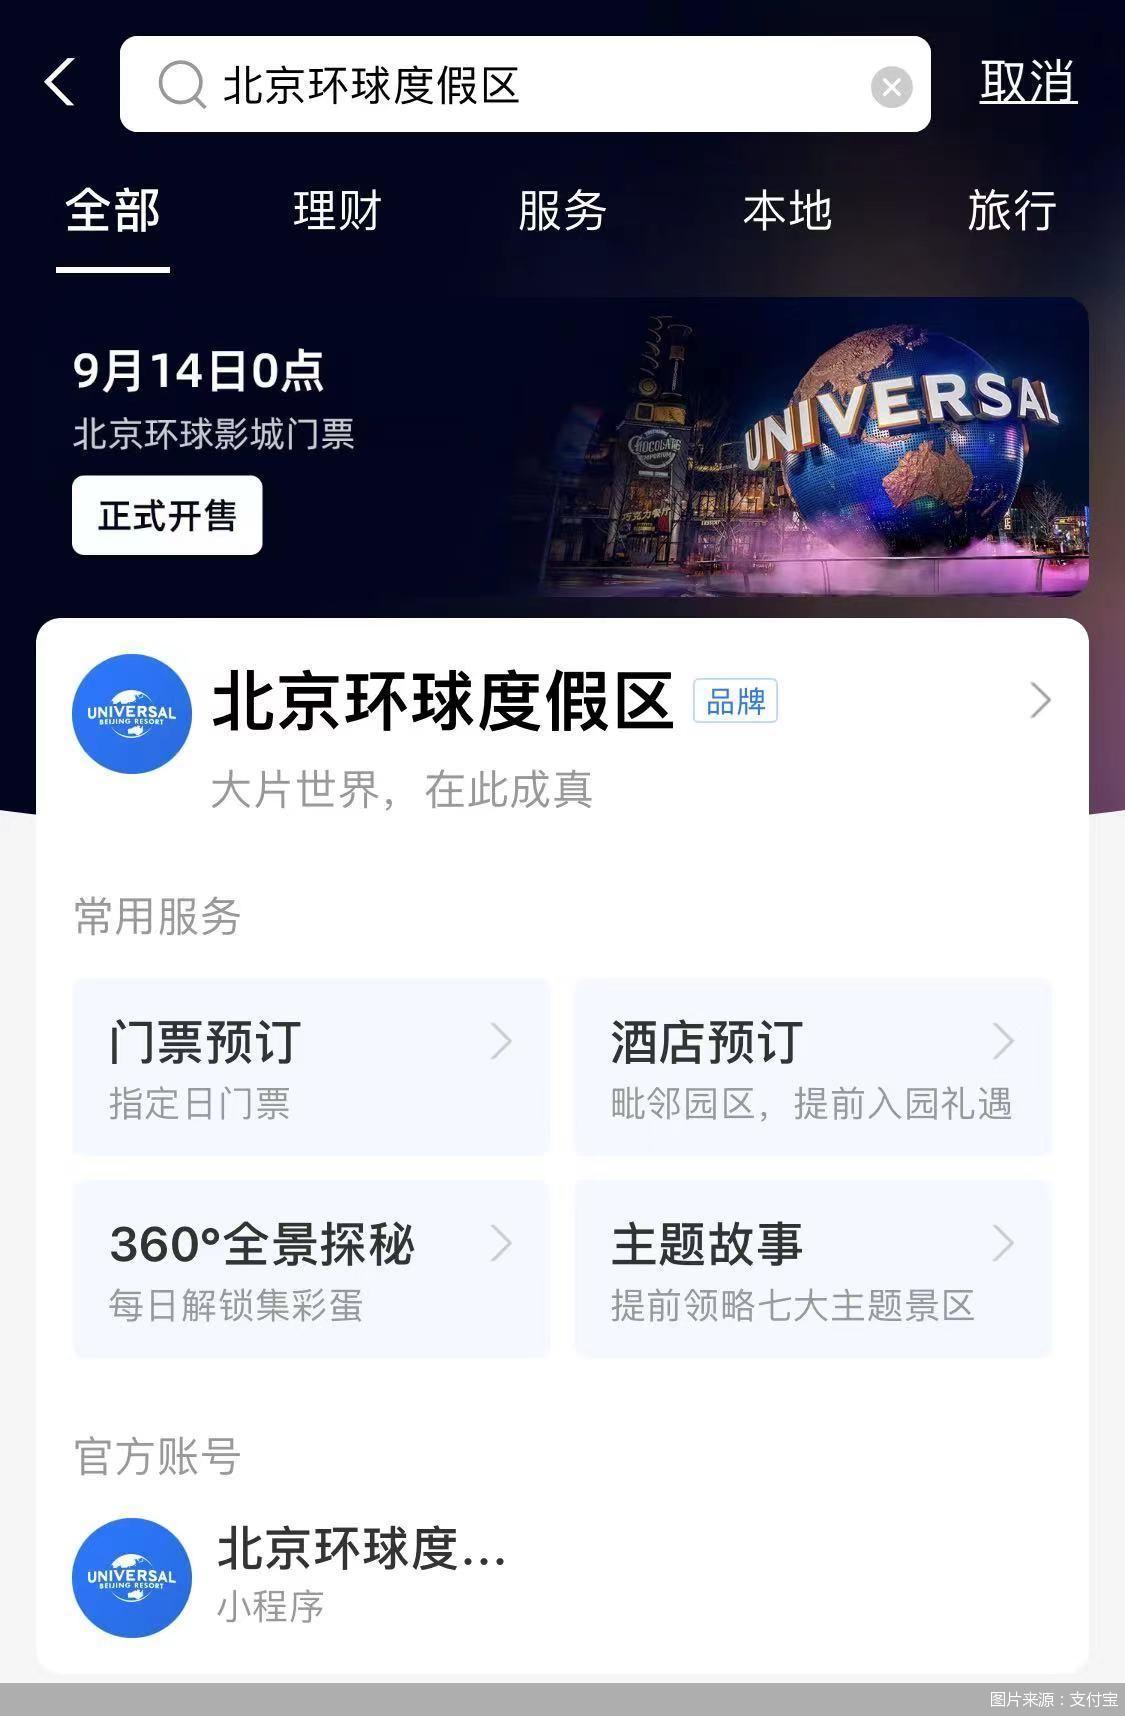 北京环球影城度假区门票正式开售 七大主题乐园可VR免费游览